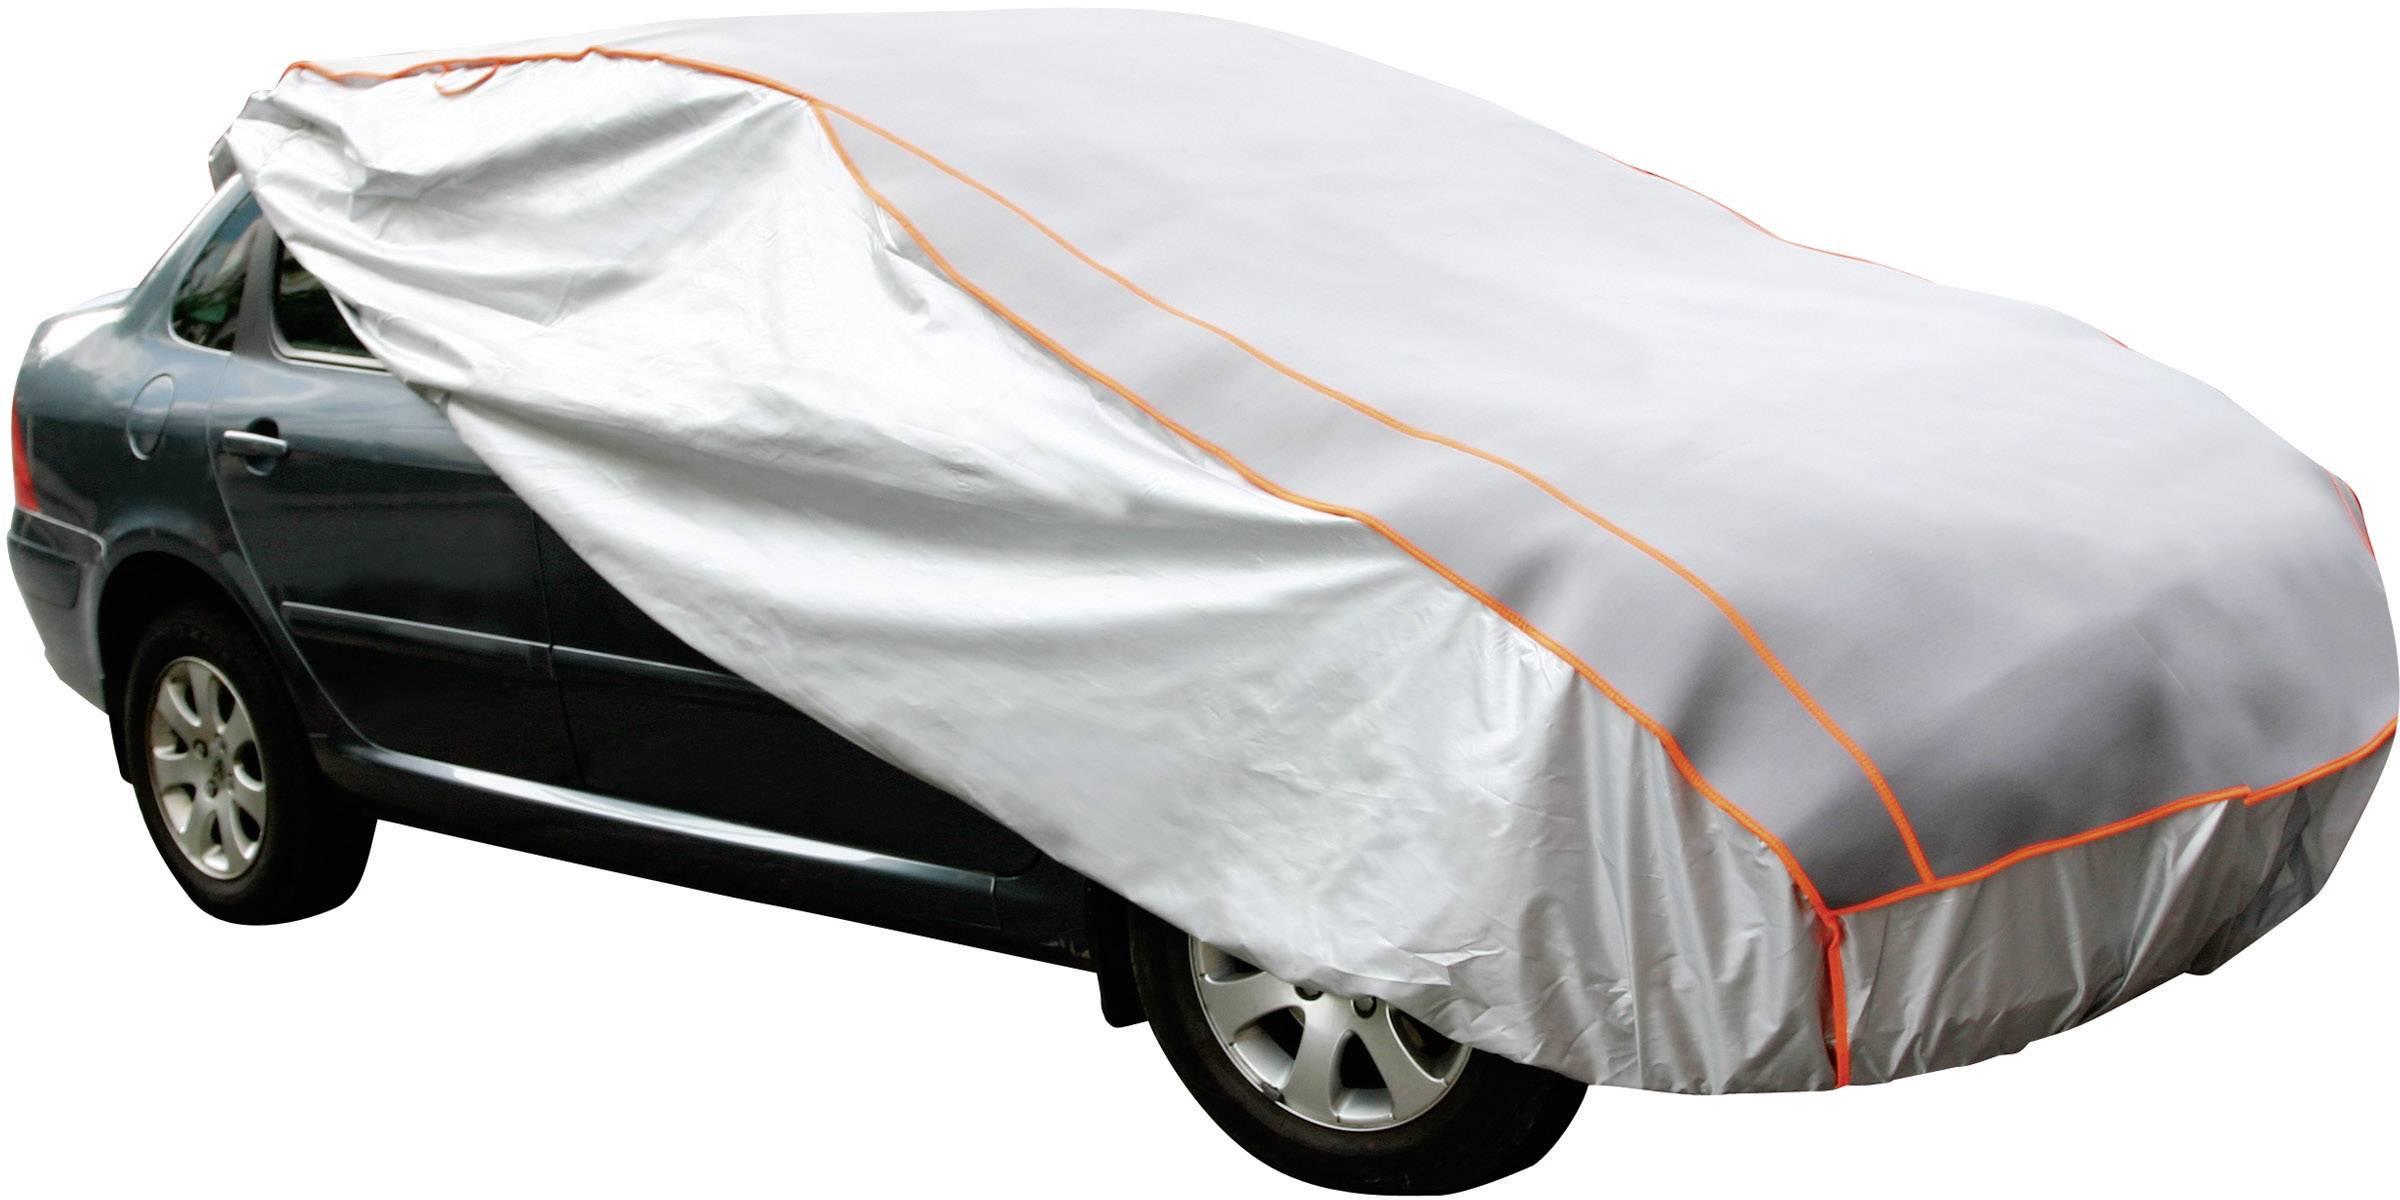 Plachta na automobil ochranná 18275 (d x š x v) 475 x 192 x 175 cm